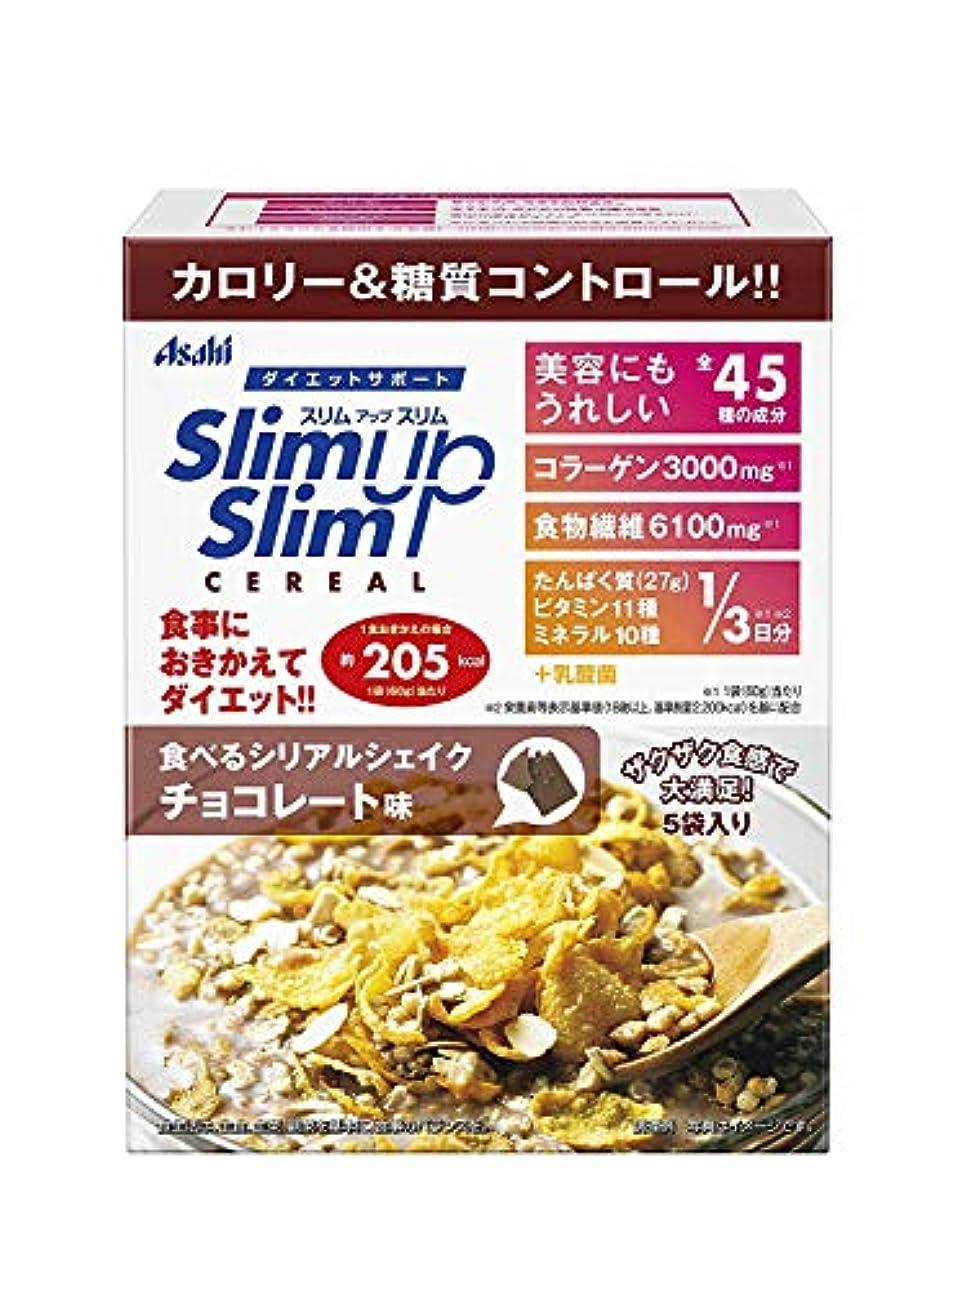 アプト国際ファイルスリムアップスリム 食べるシリアルシェイク チョコレート味 300g (60g×5袋) ×5